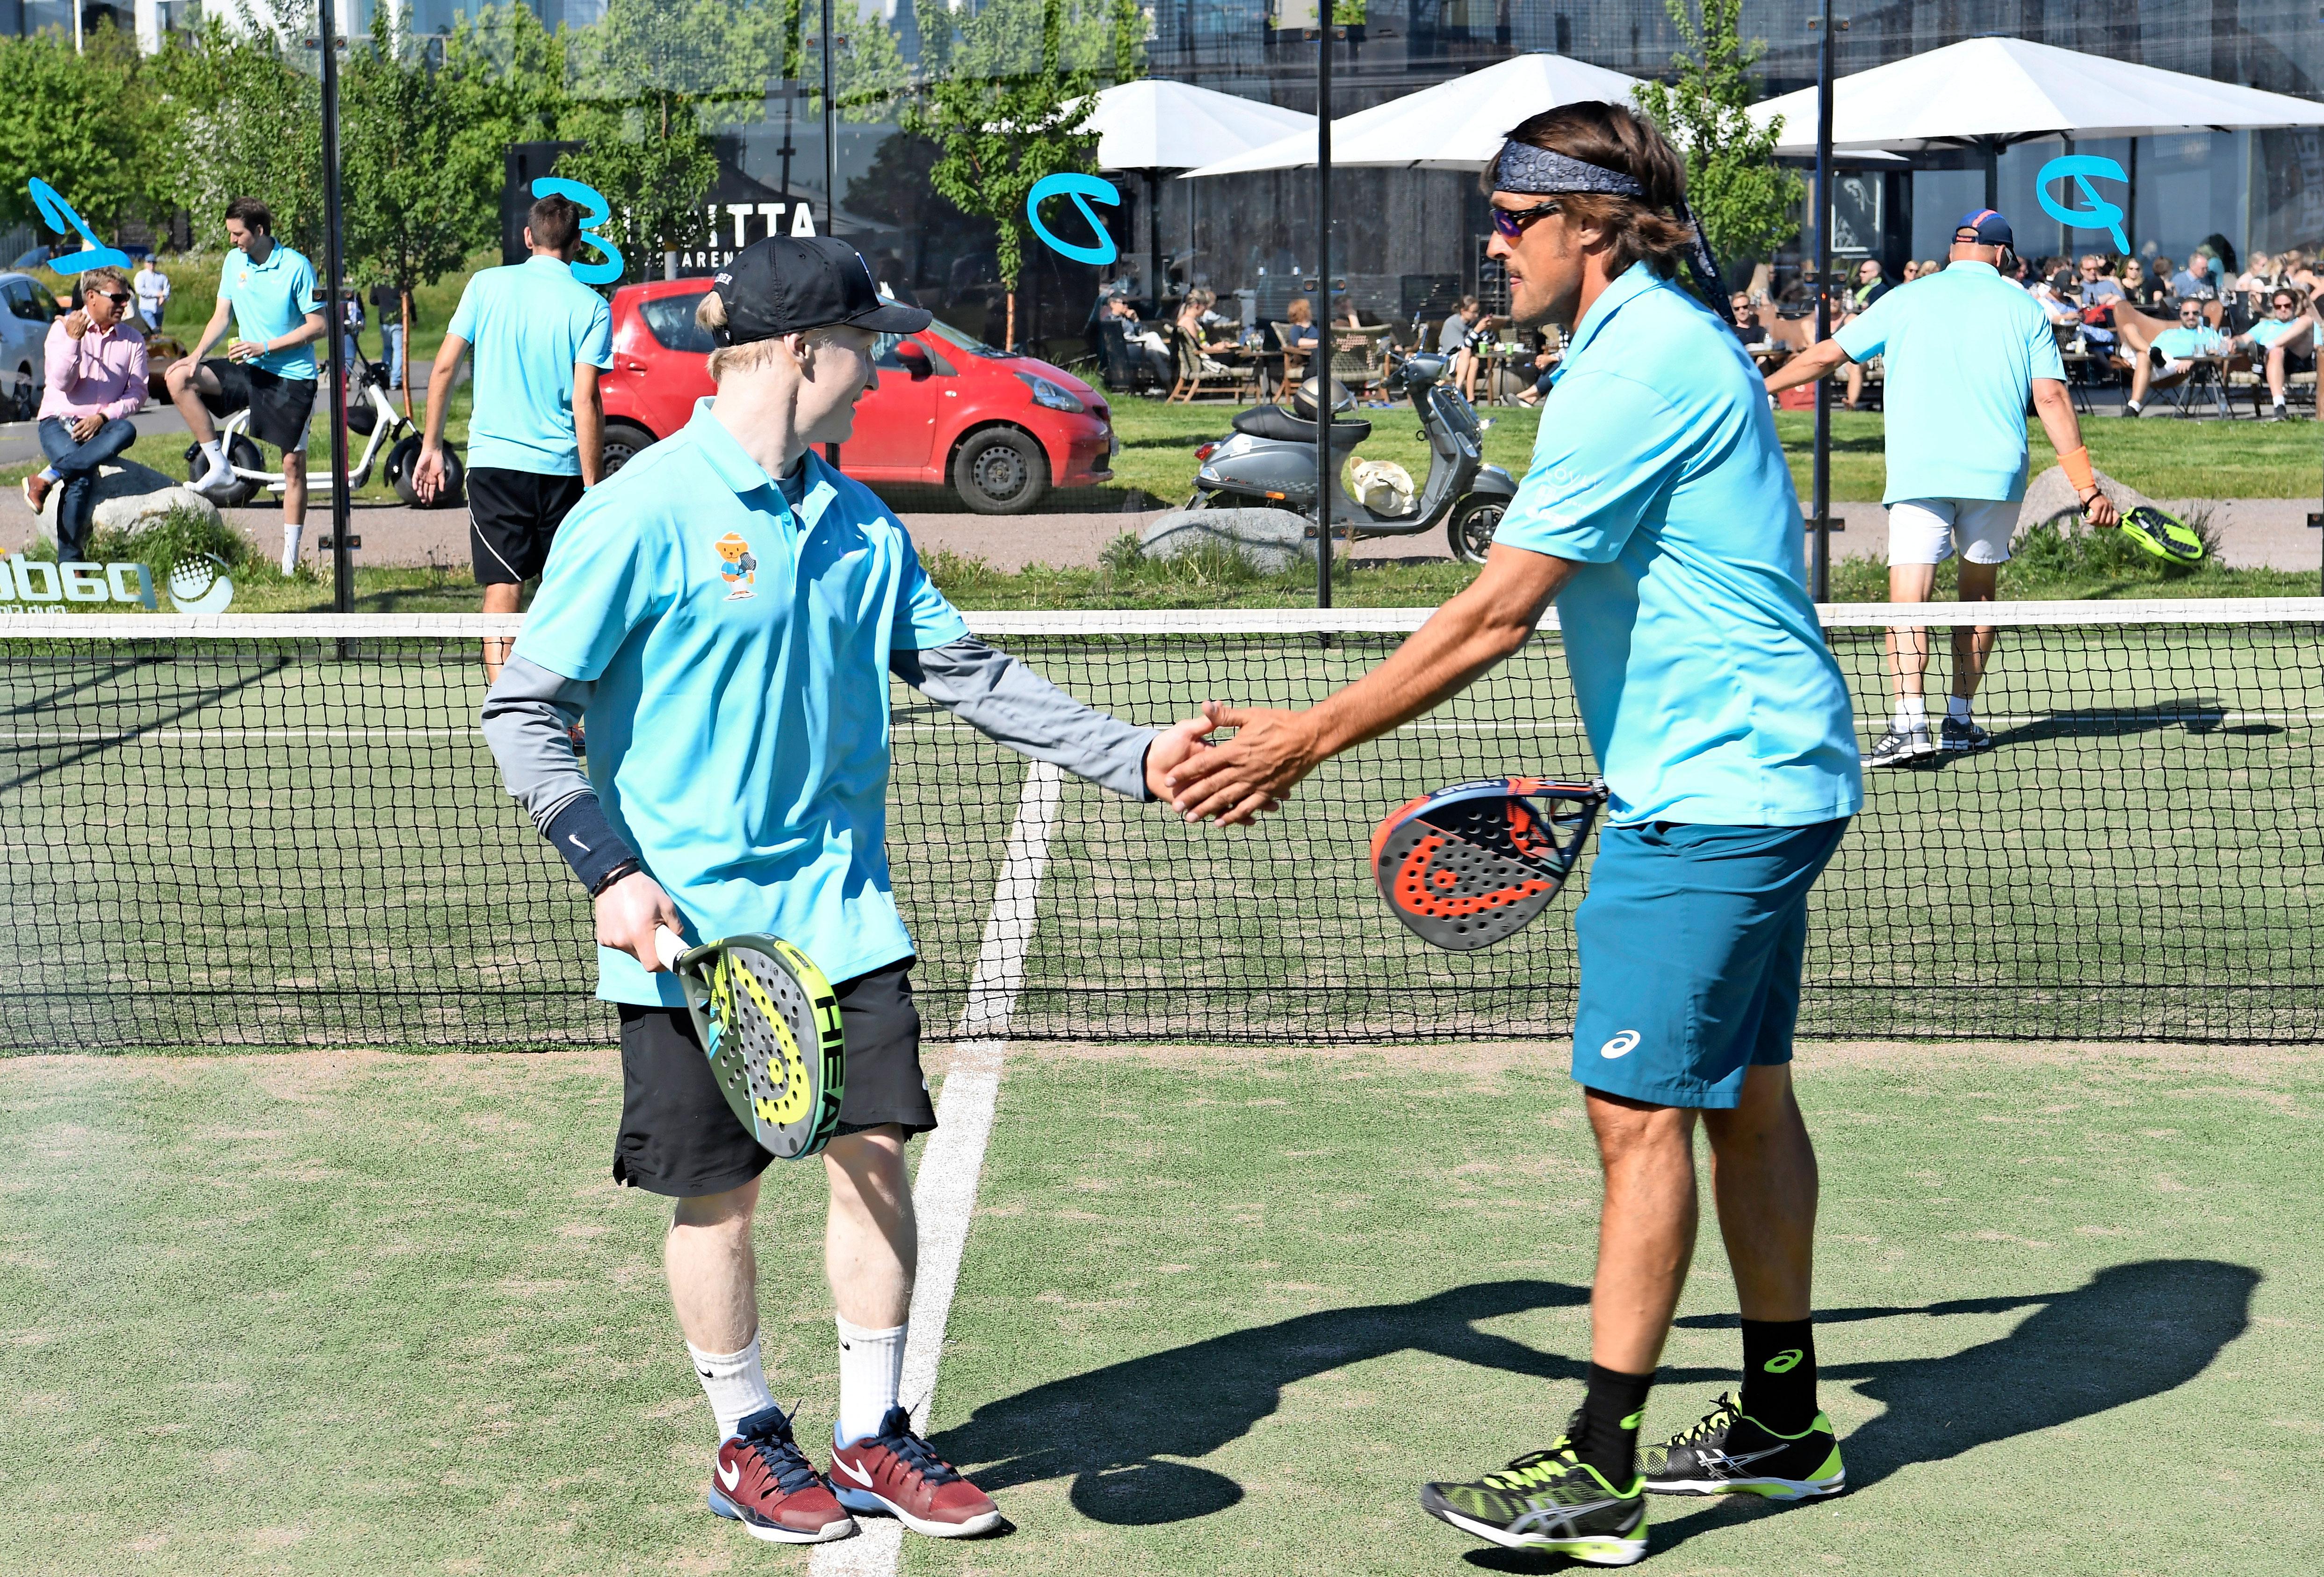 Aluksi homma vaikutti hyvältä. Peetu ja Teemu lähtivät itsevarmoina padel-turnauksen välierään.